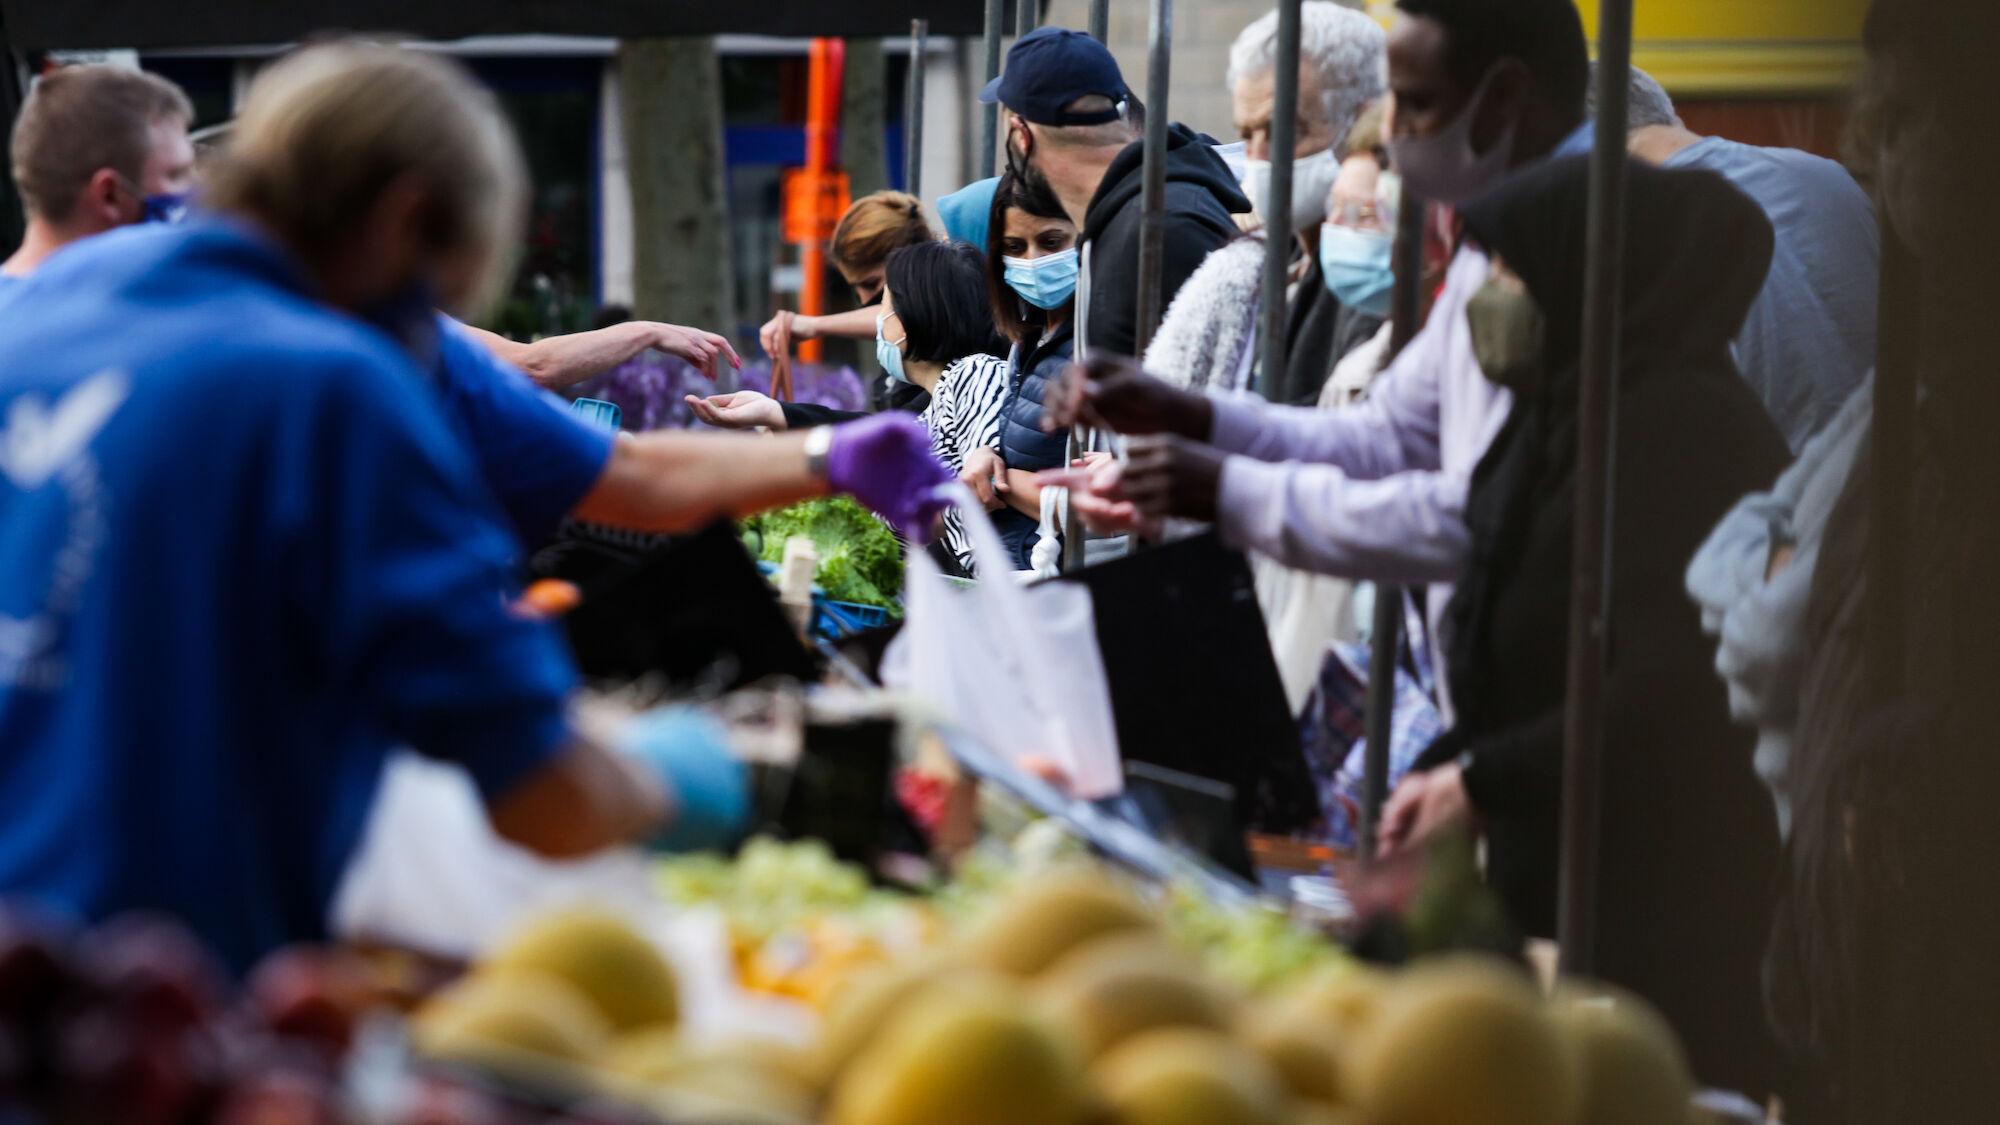 2020-09-20 Wijk 9 Bloemekeswijk Markt Van Beverenplein IMG_9577.jpg